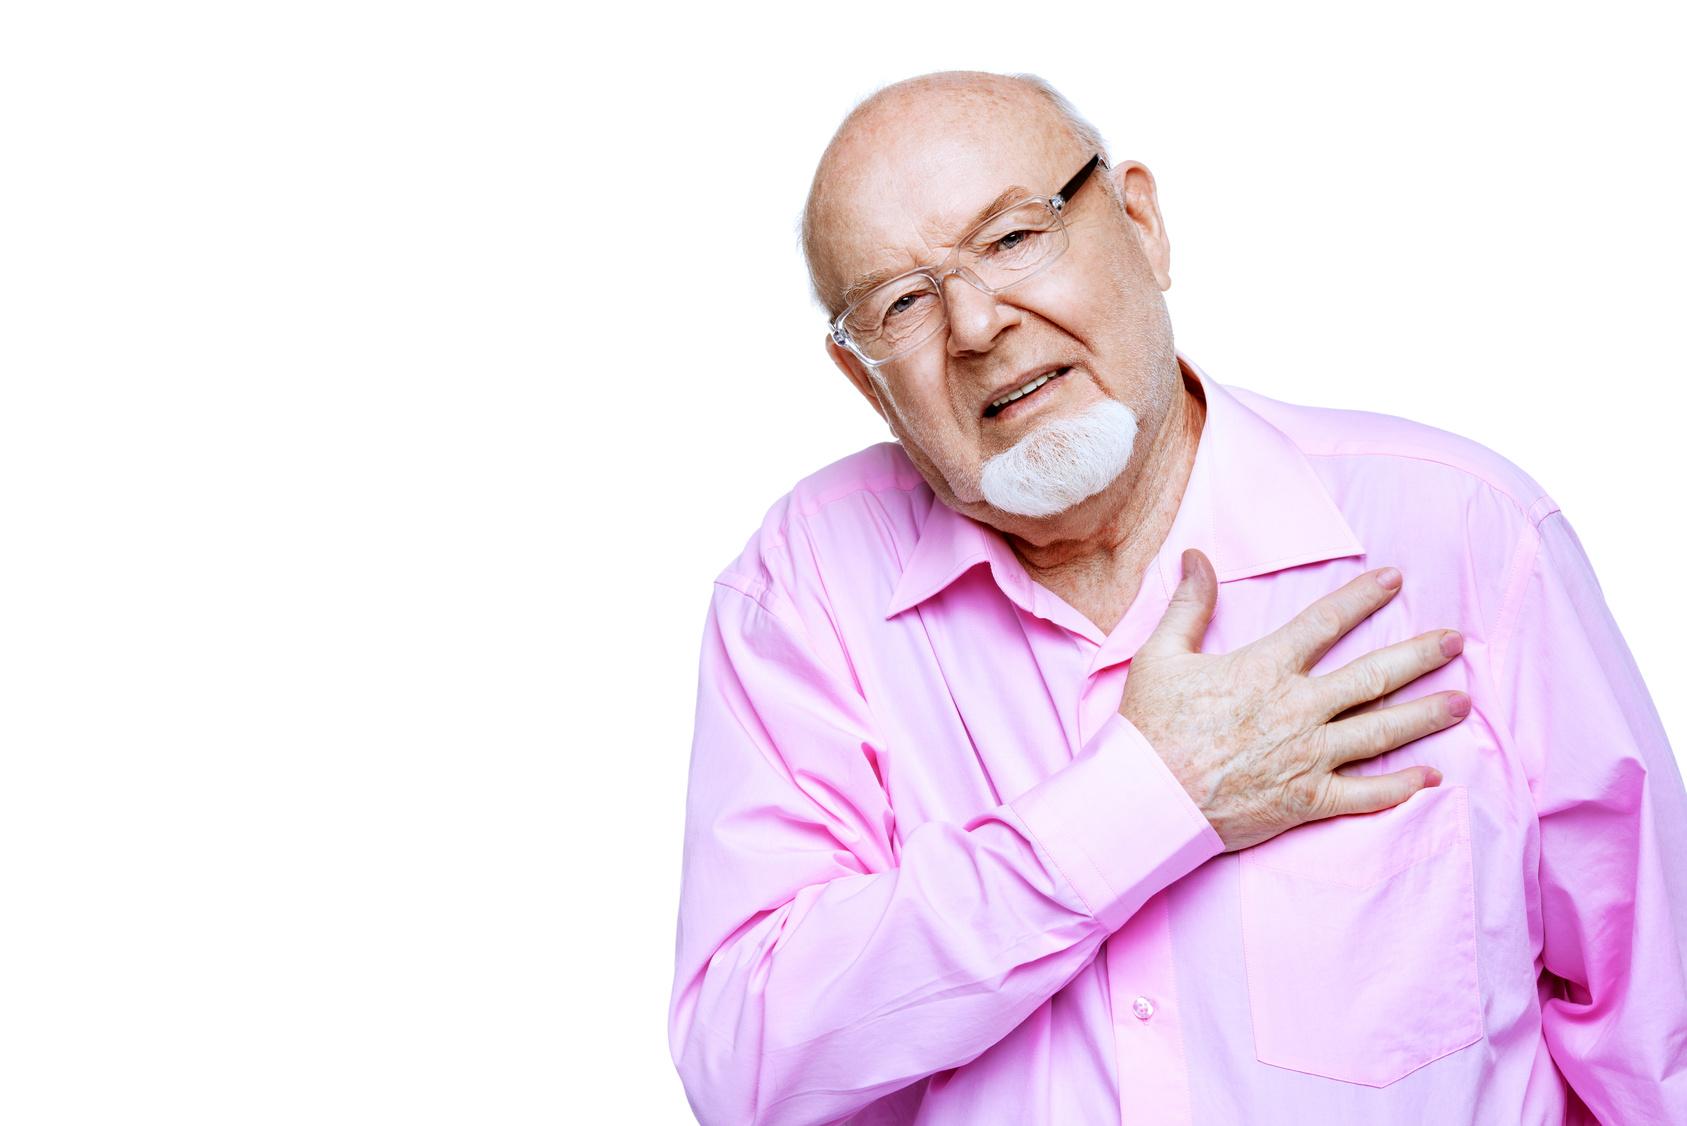 【米国論文】急性大動脈解離の名医と名医以外では術後死亡率が10%違う!